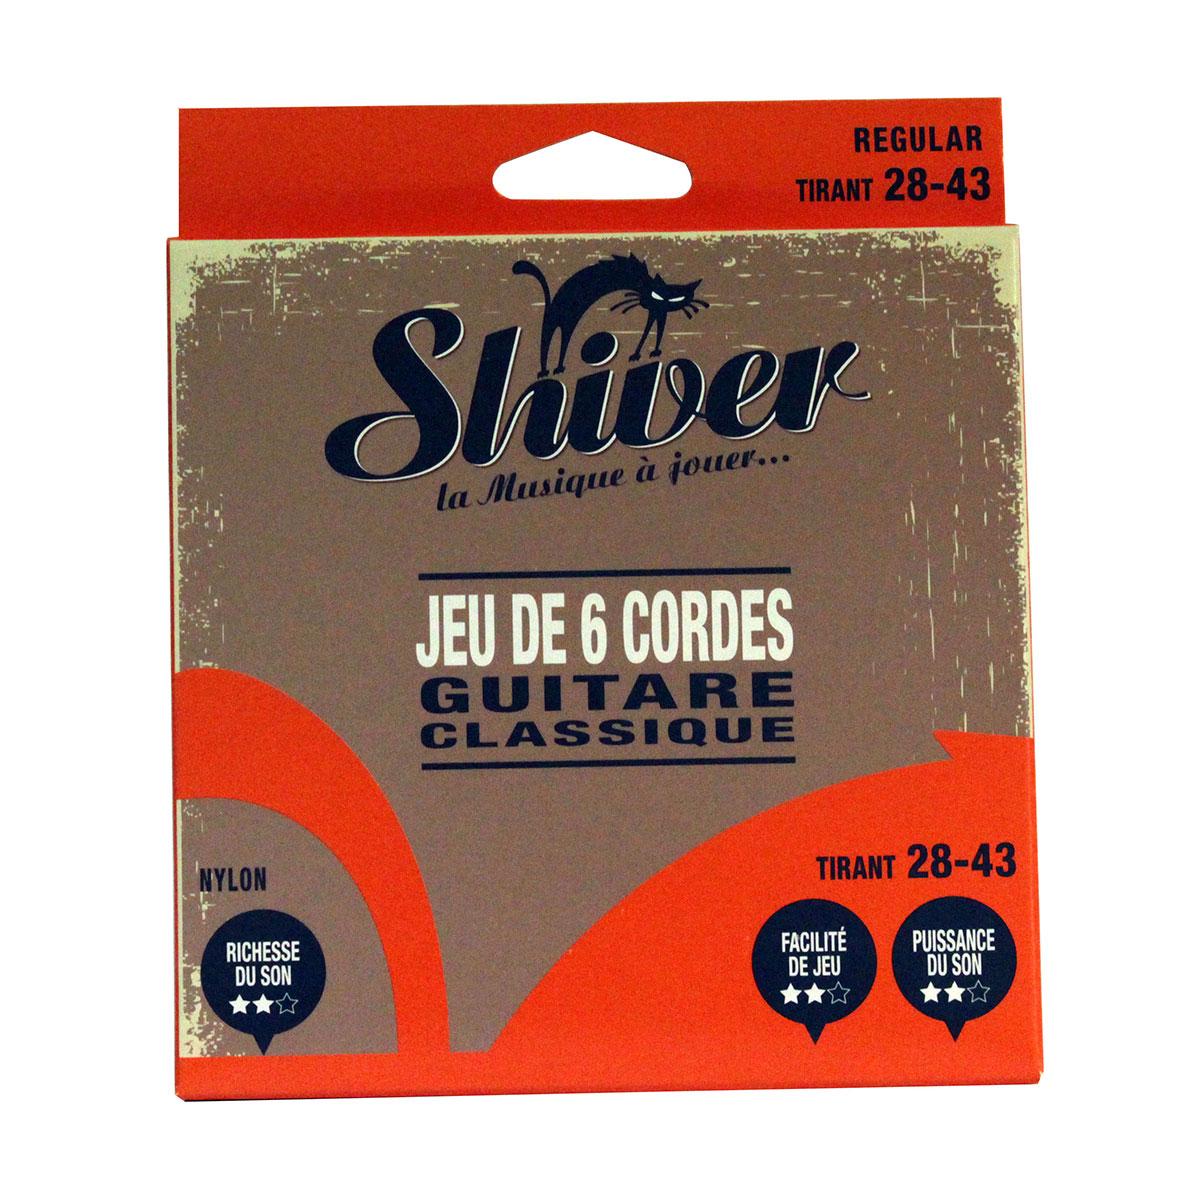 Shiver - Jeu 6 cordes guitare classique 28-43 basic